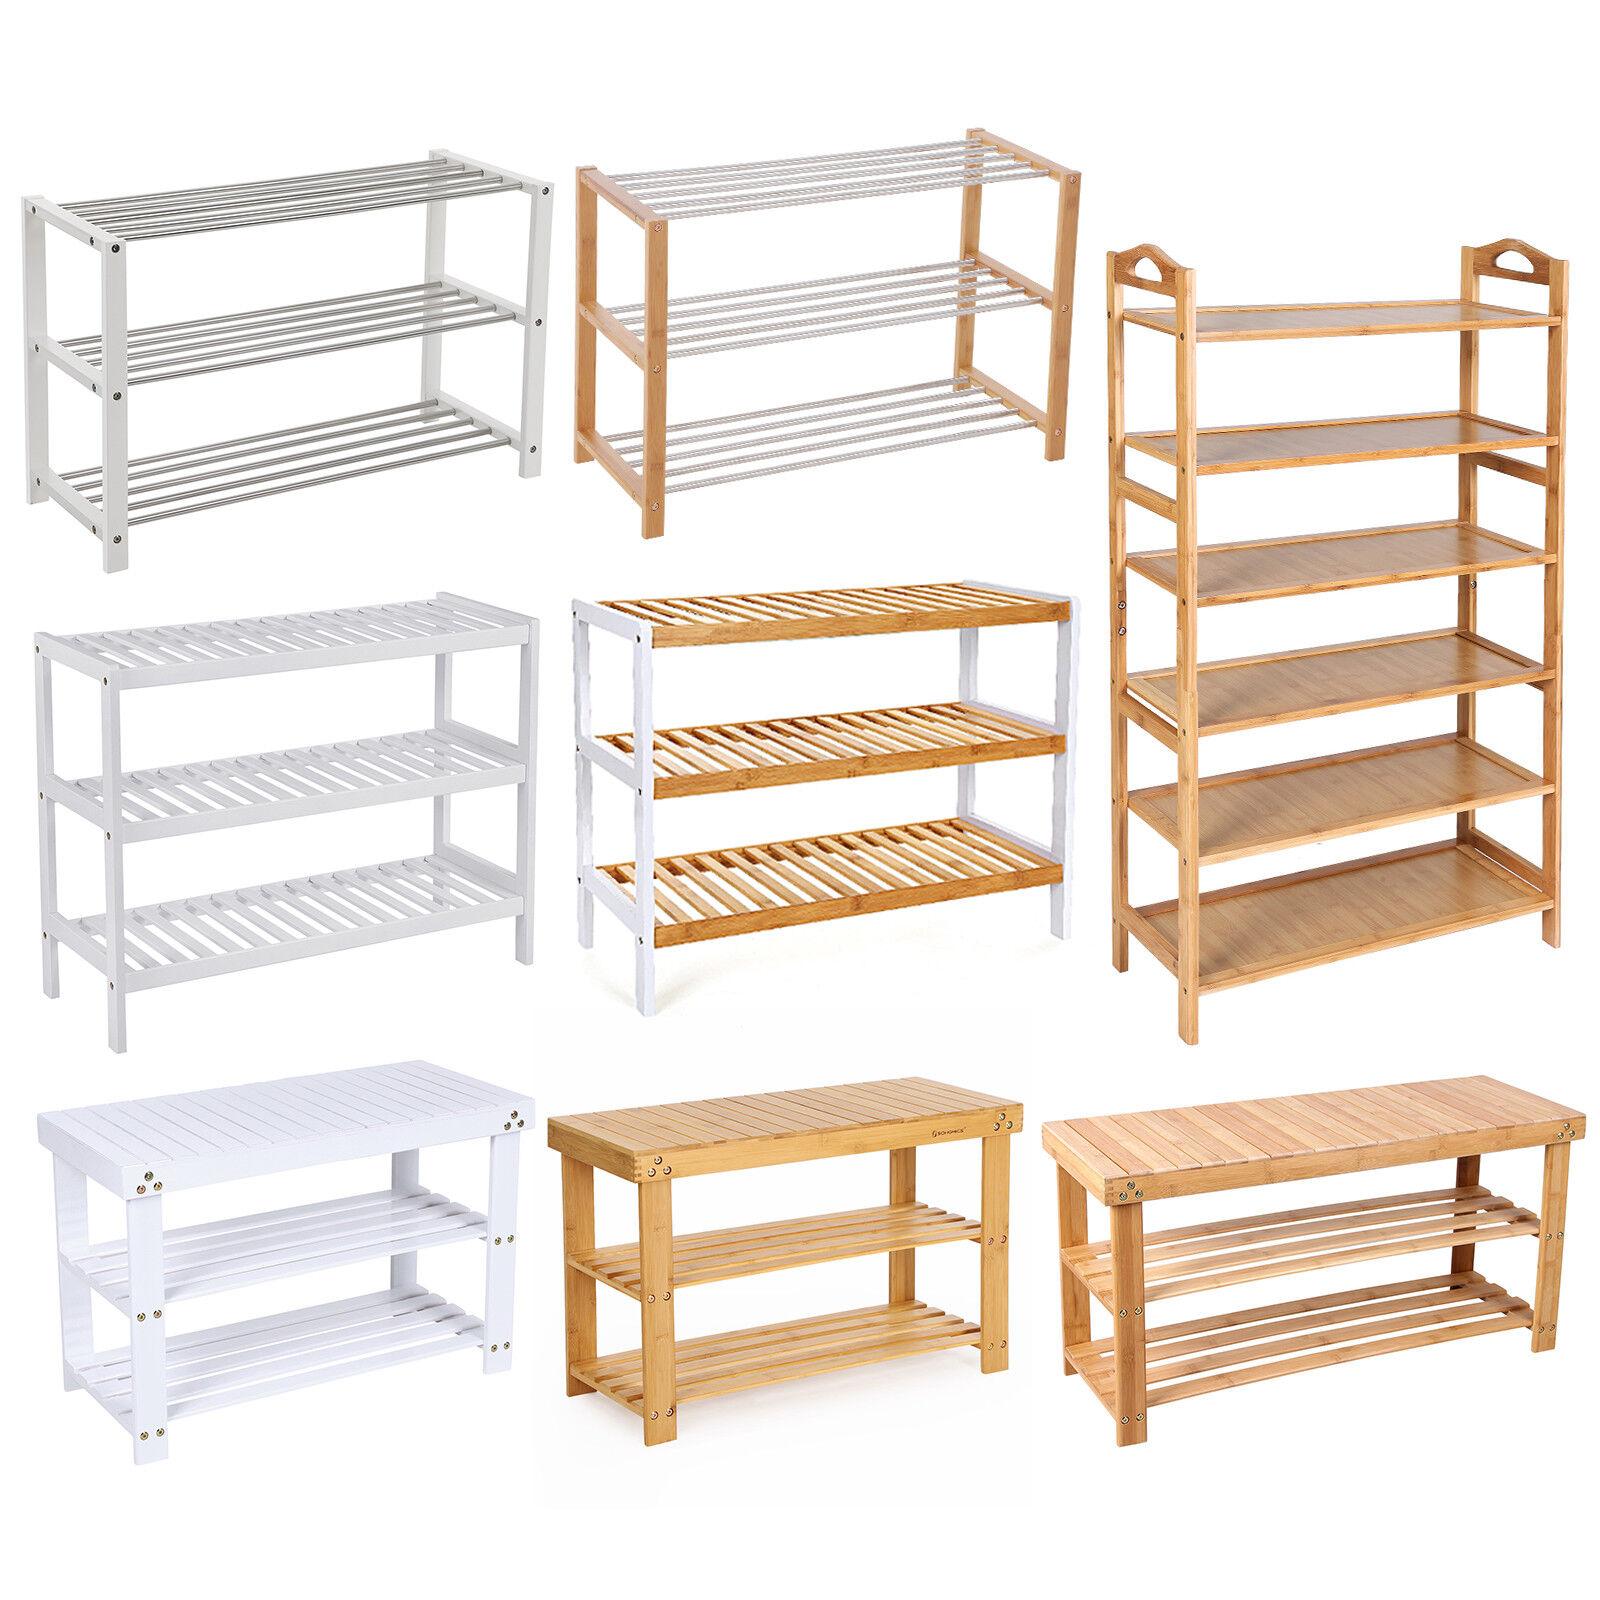 Attraktiv Bambusmöbel Bad Referenz Von Möbel Test Vergleich Möbel Günstig Kaufen